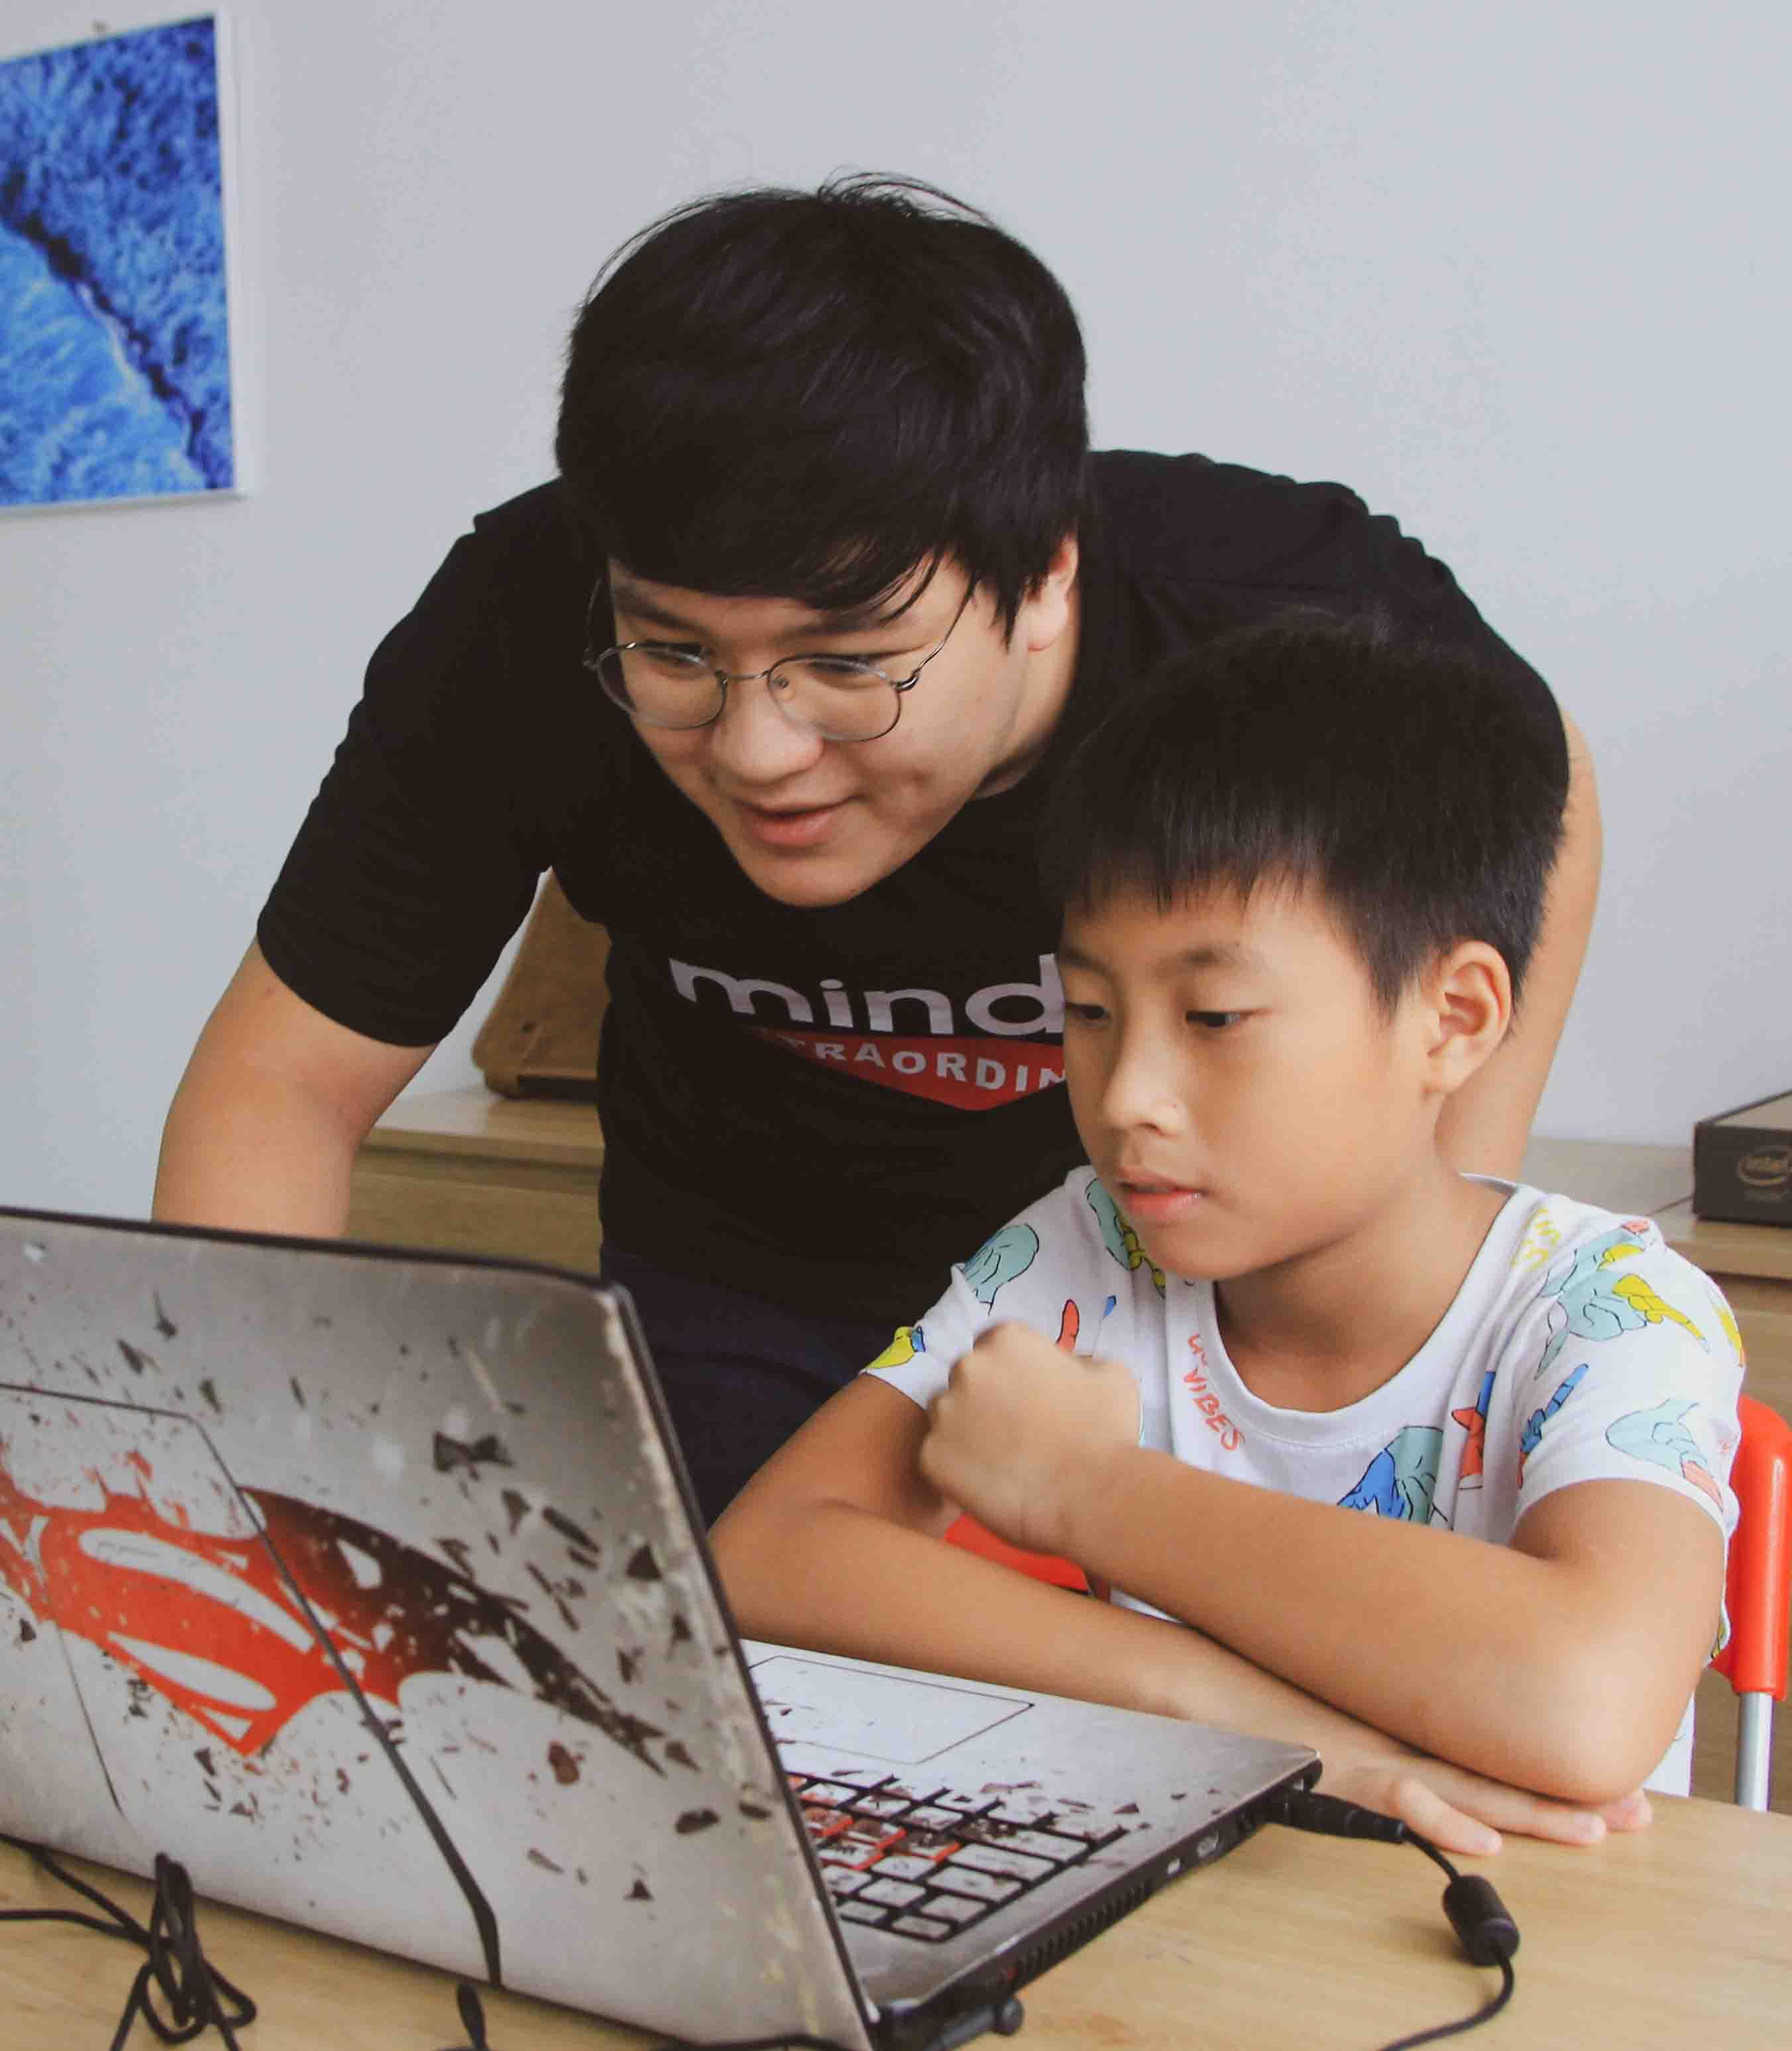 Tầm quan trọng của việc đào tạo lập trình react js cấp tốc dành cho trẻ em